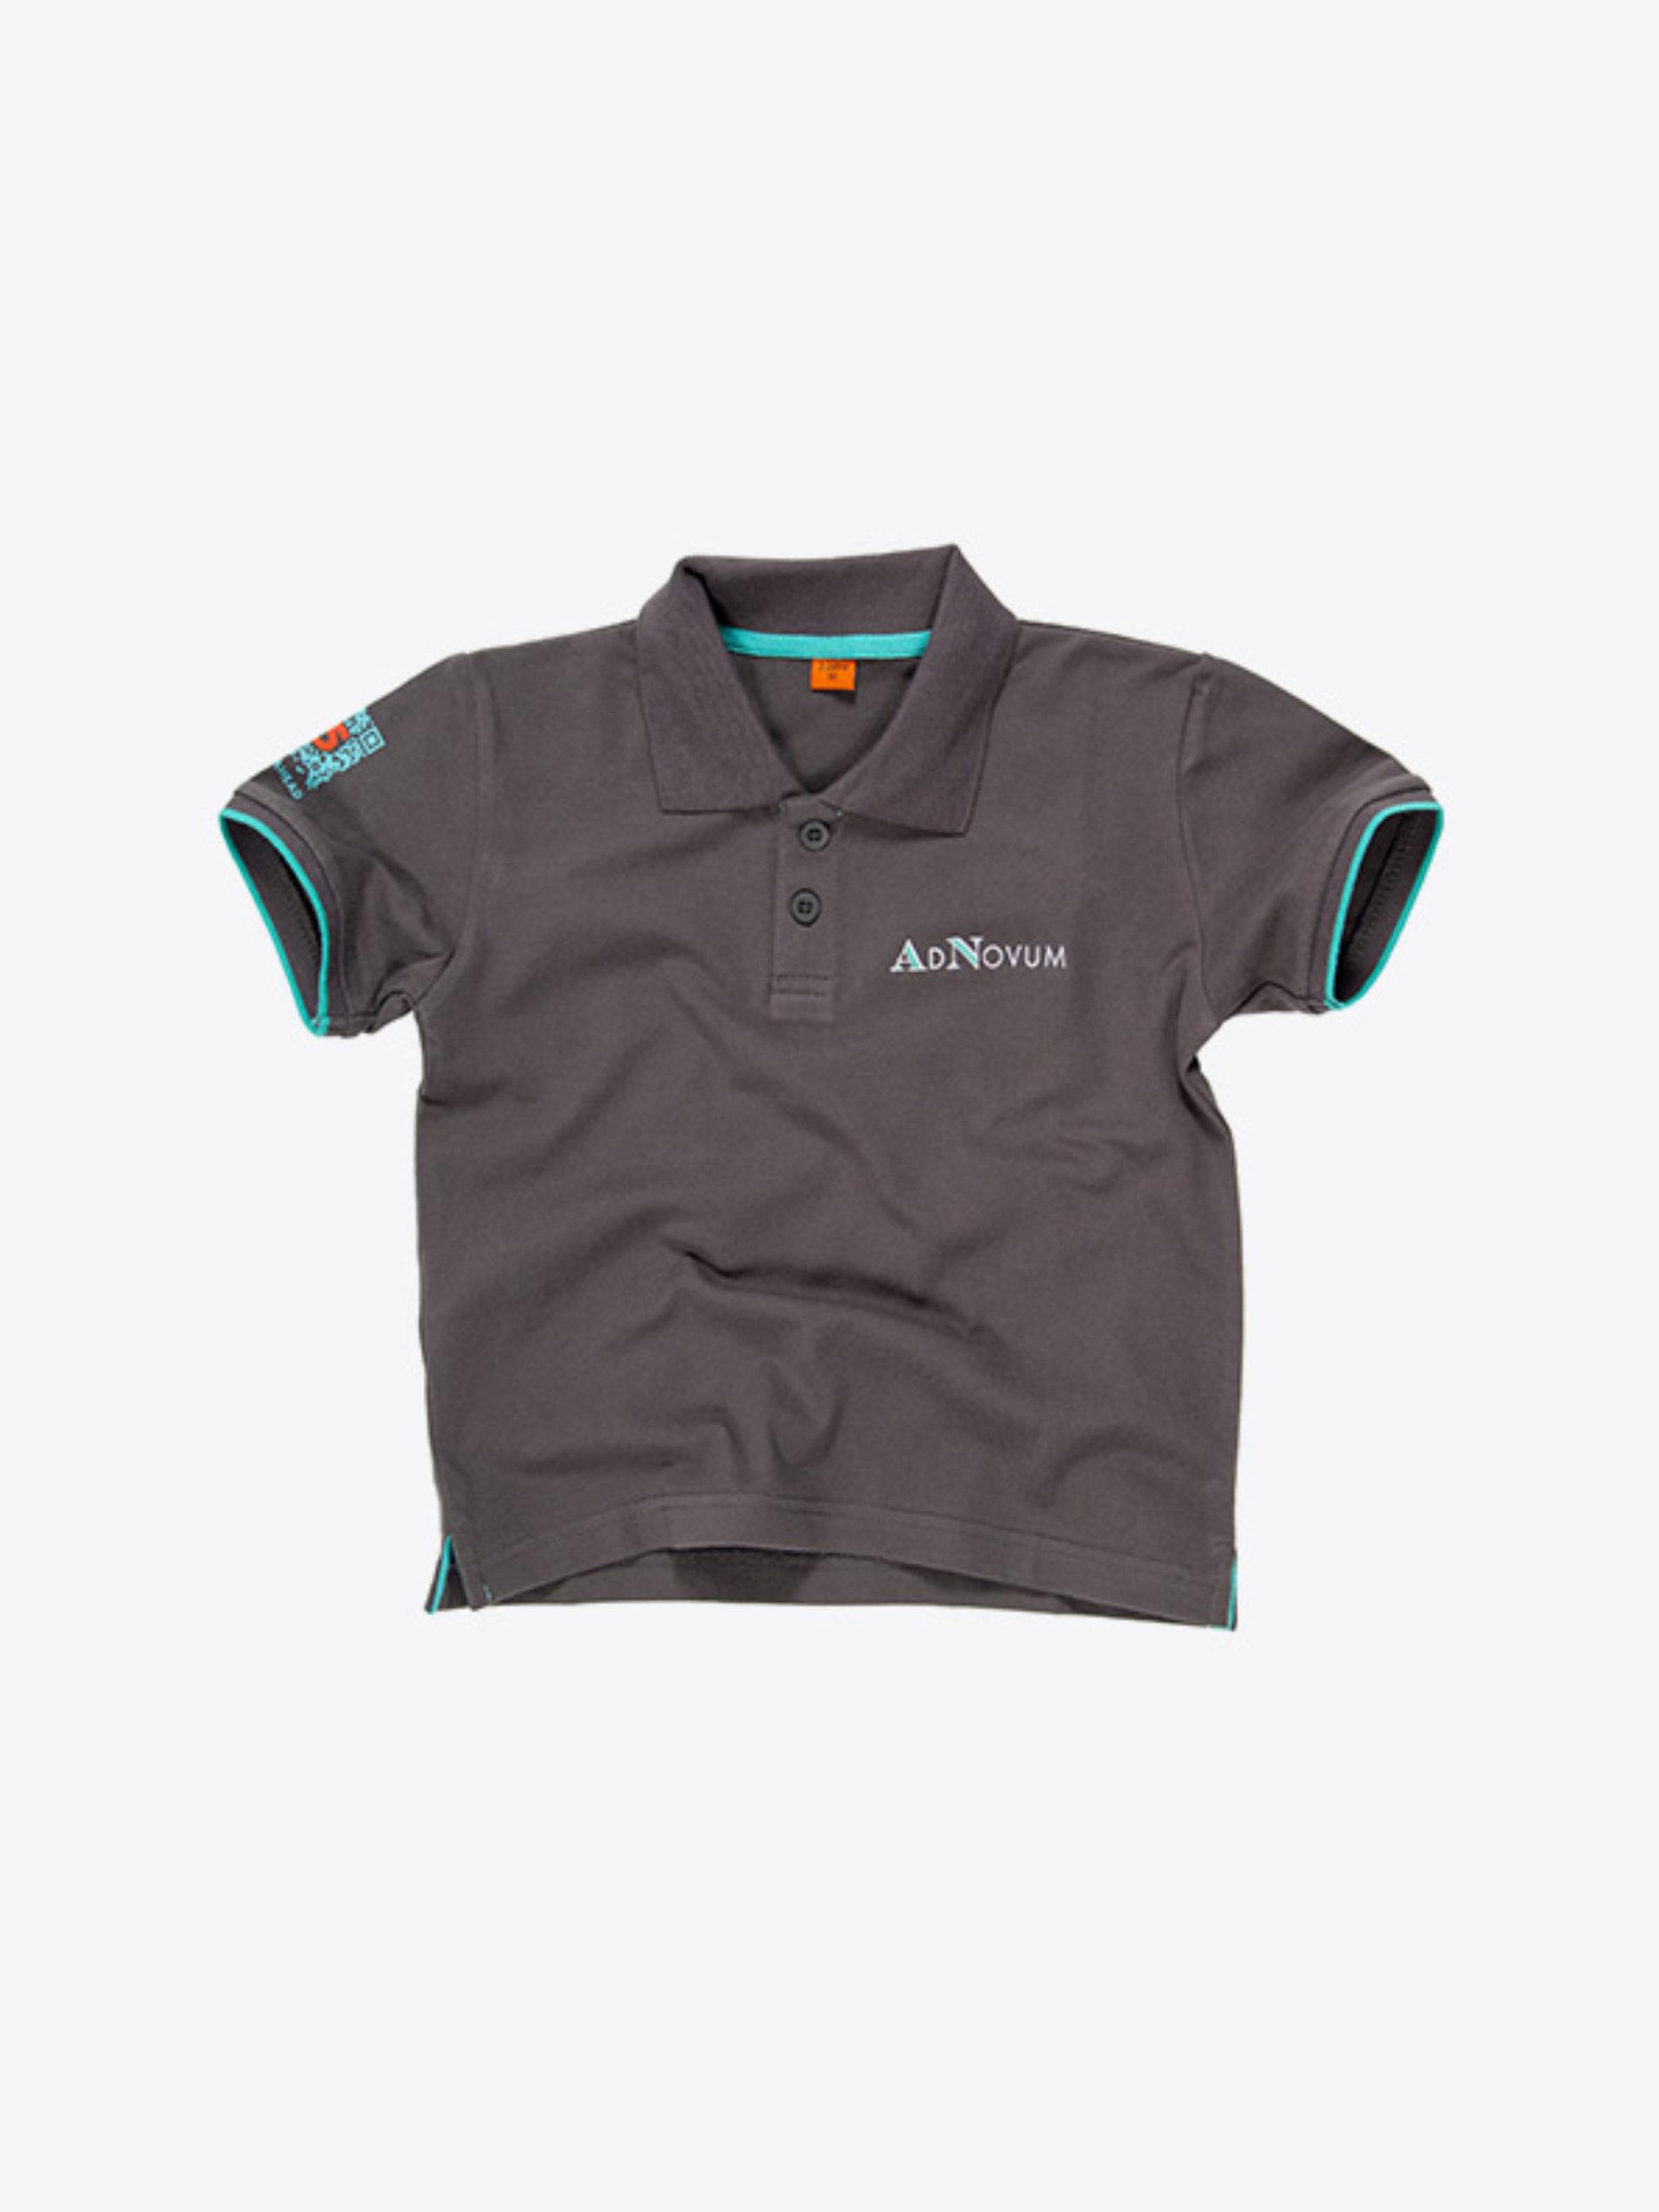 Kinder Polo Shirt Kurzarm Mit Logo Drucken